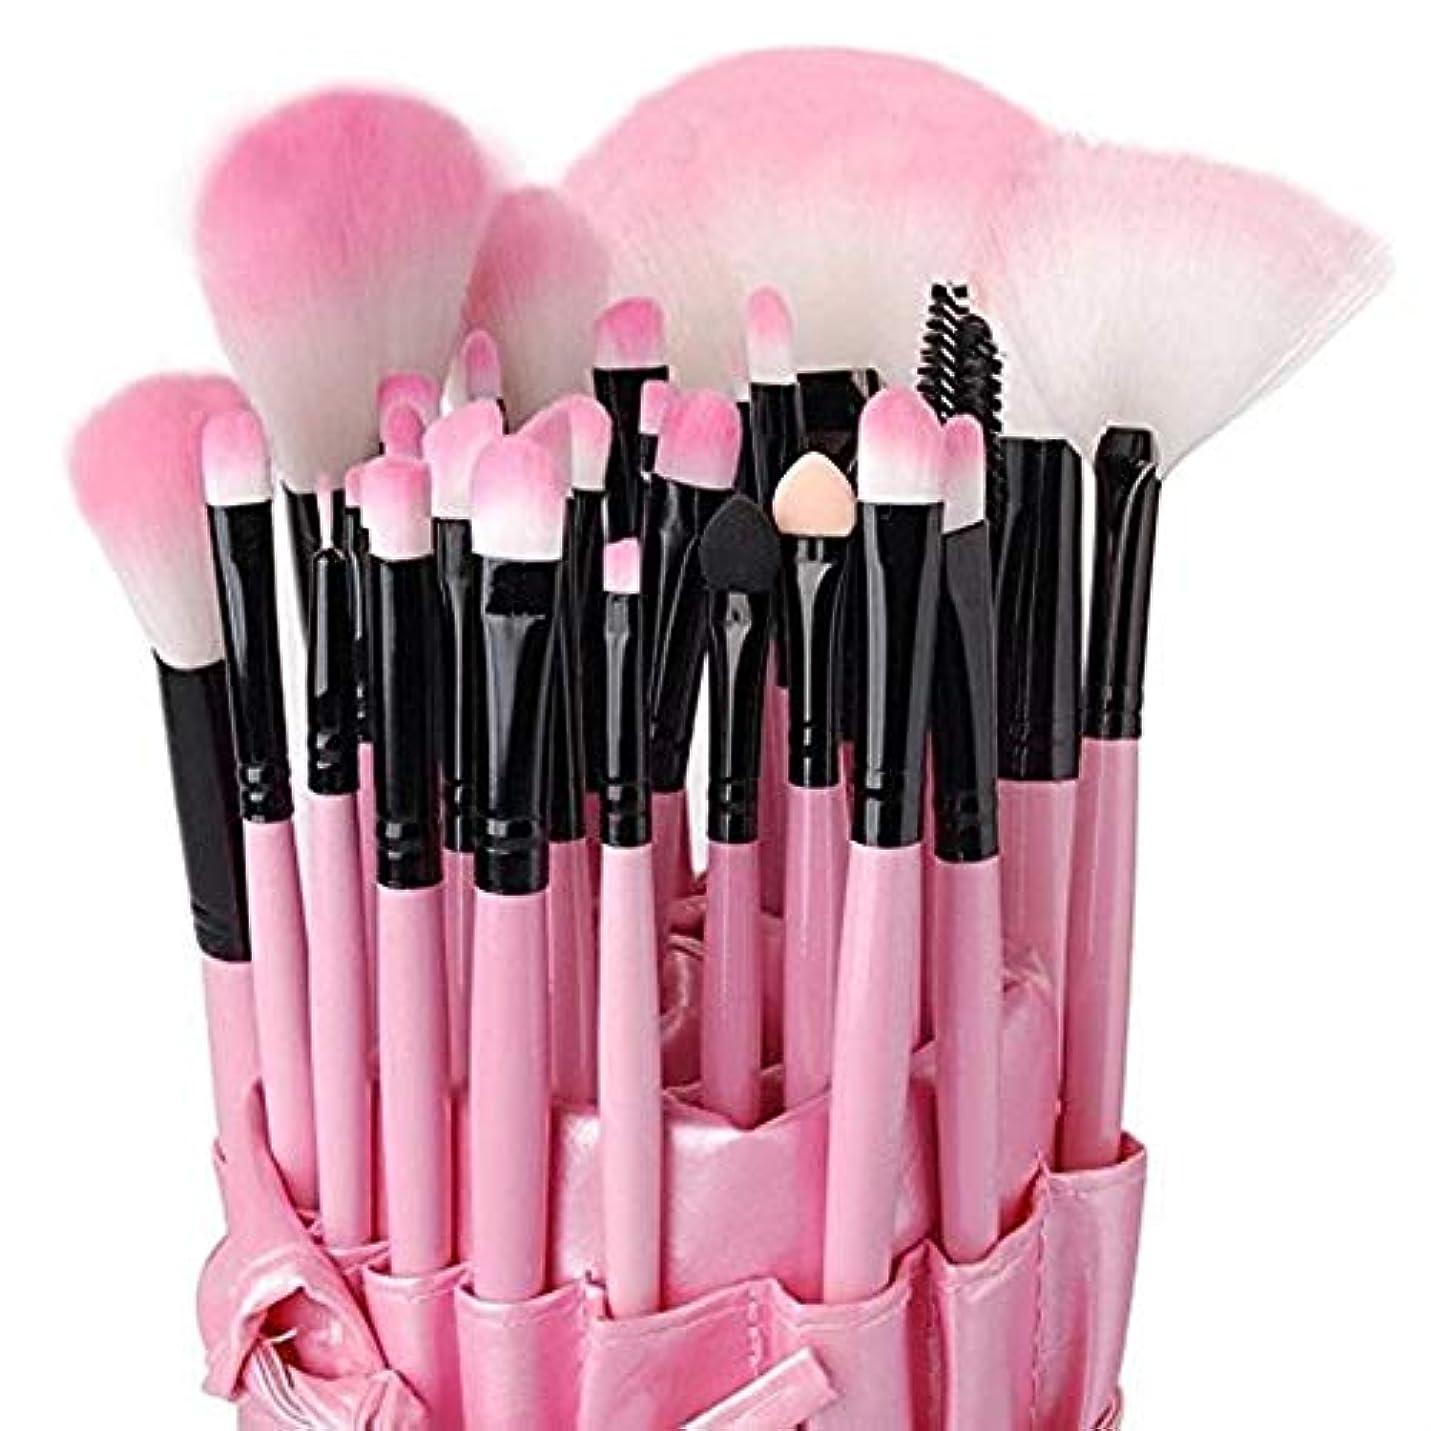 彫刻集団進むメイクアップブラシセット、32ピースプロフェッショナルプレミアム合成スーパーソフトブラシセット高級レザー効果に不可欠な化粧品セットスタイリッシュなピンク